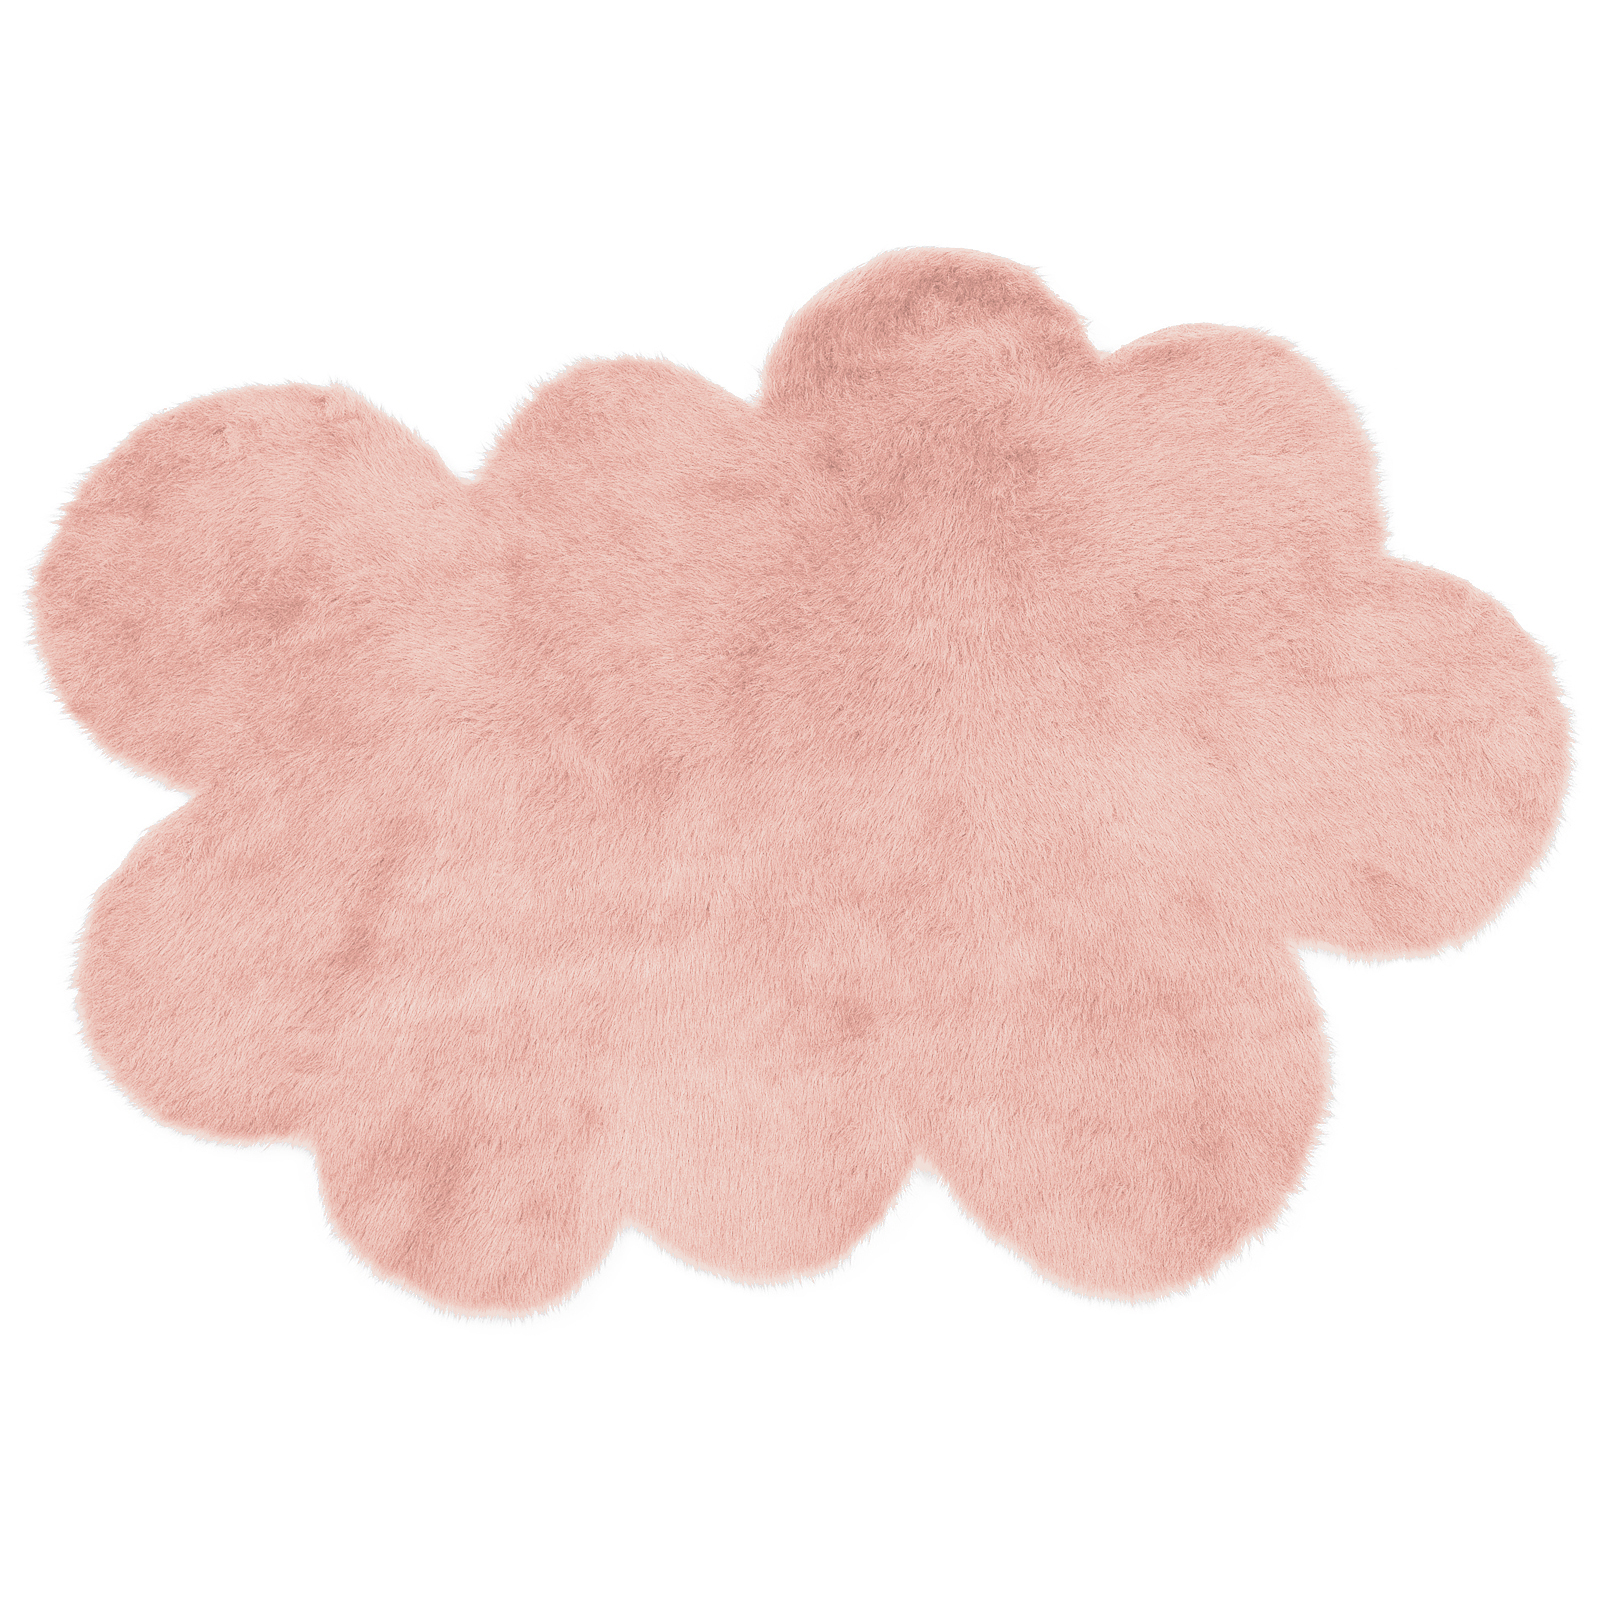 Tapis nuage rose poudr pilepoil pour chambre enfant les enfants du design - Tapis nuage chambre bebe ...